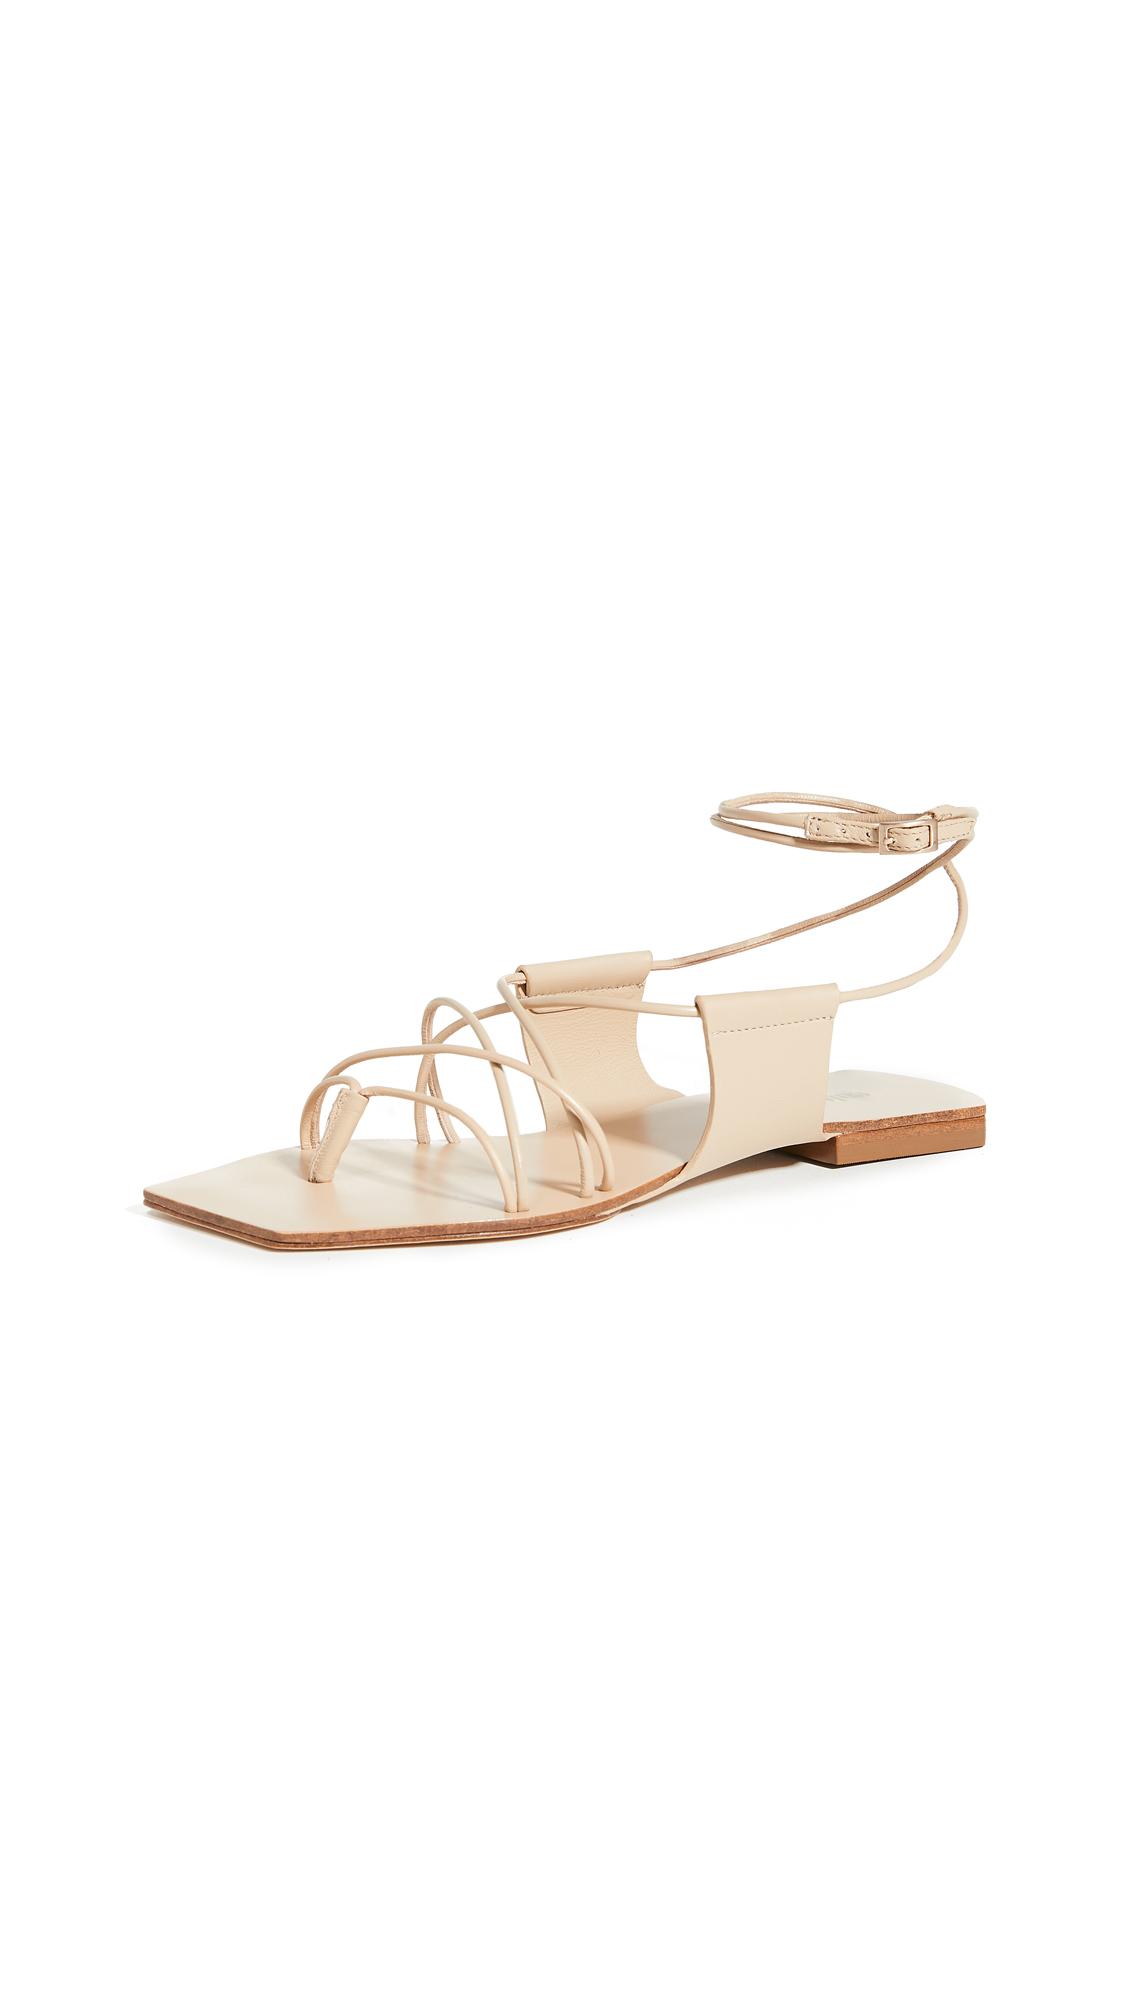 Buy Cult Gaia Maria Lace Up Sandals online, shop Cult Gaia